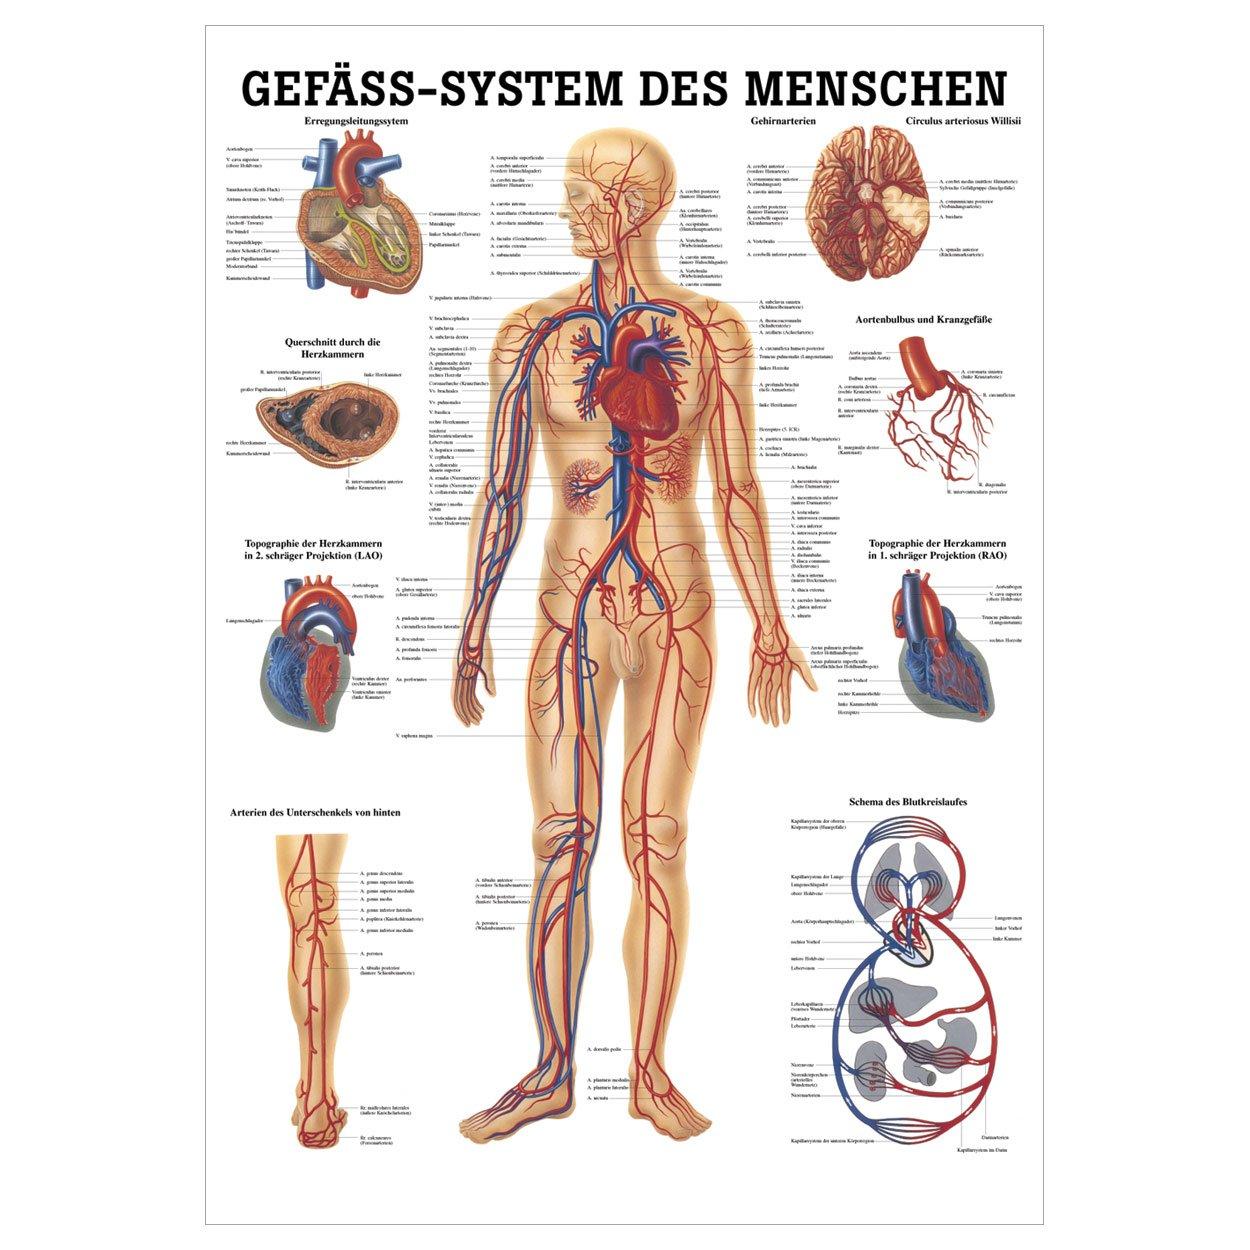 Wunderbar Anatomie Des Verkehrs Beim Menschen Bilder - Anatomie Von ...